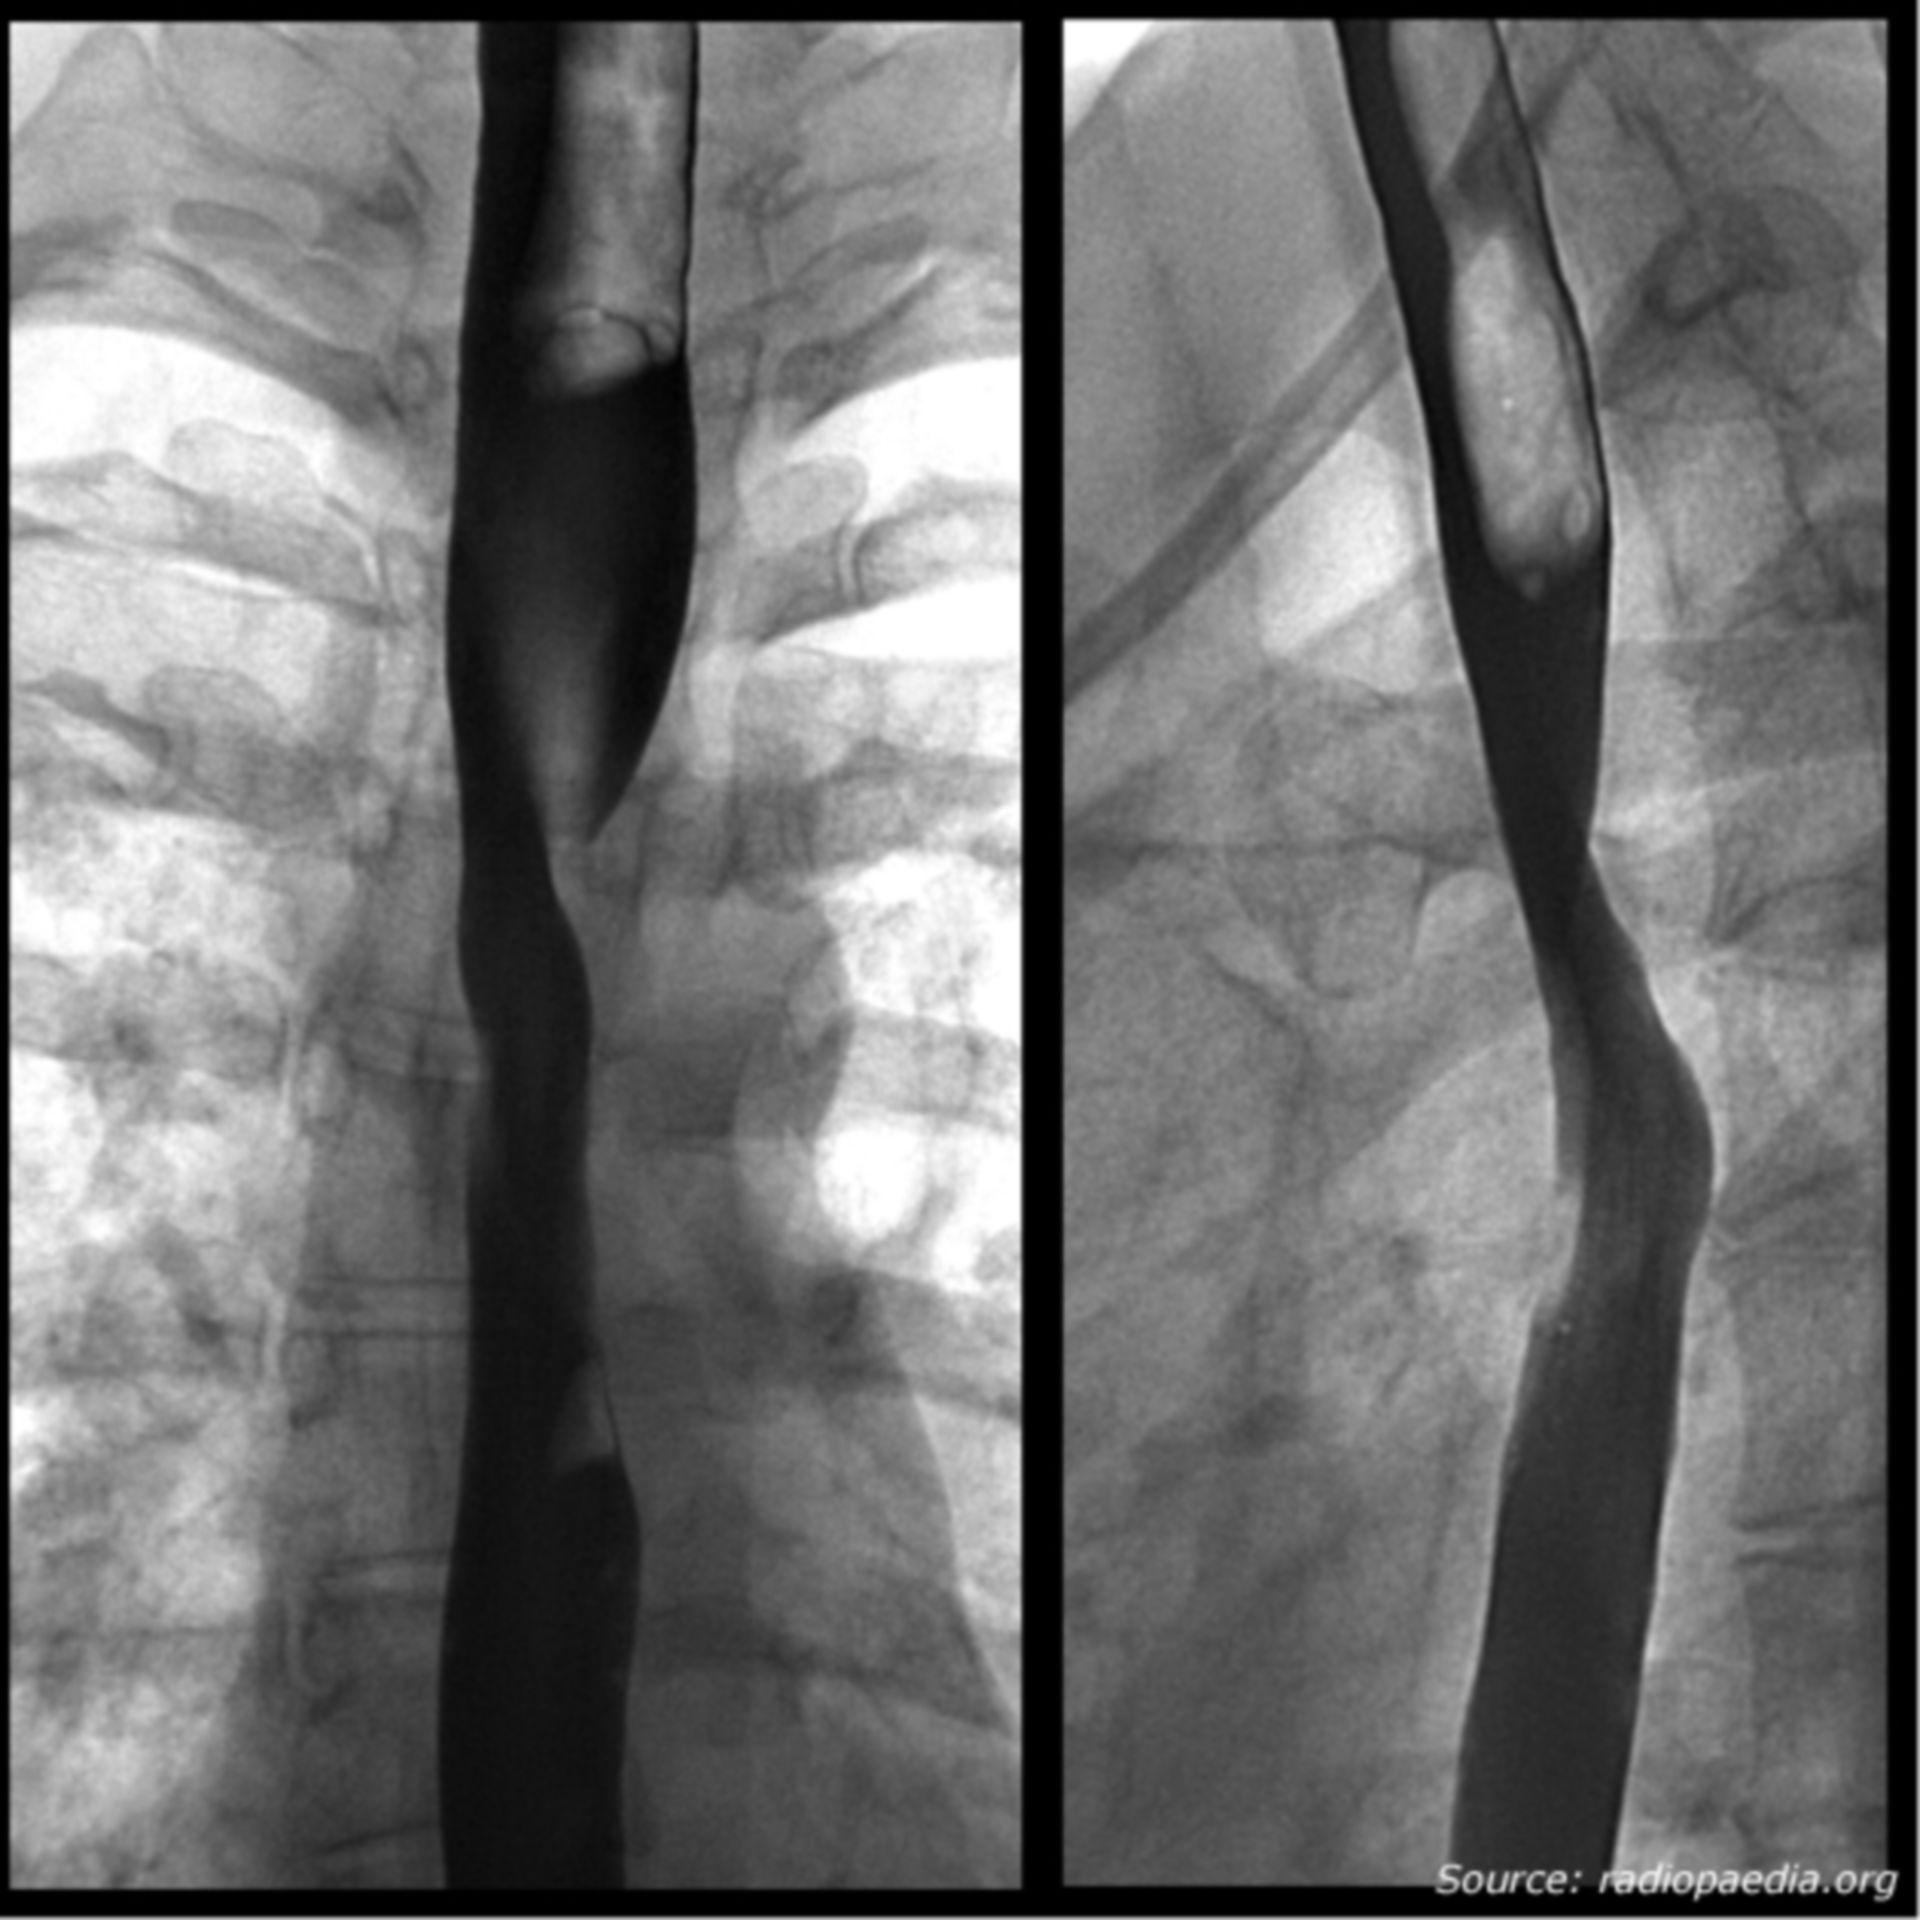 Barium-Breischluck-Untersuchung (Bildrätsel)